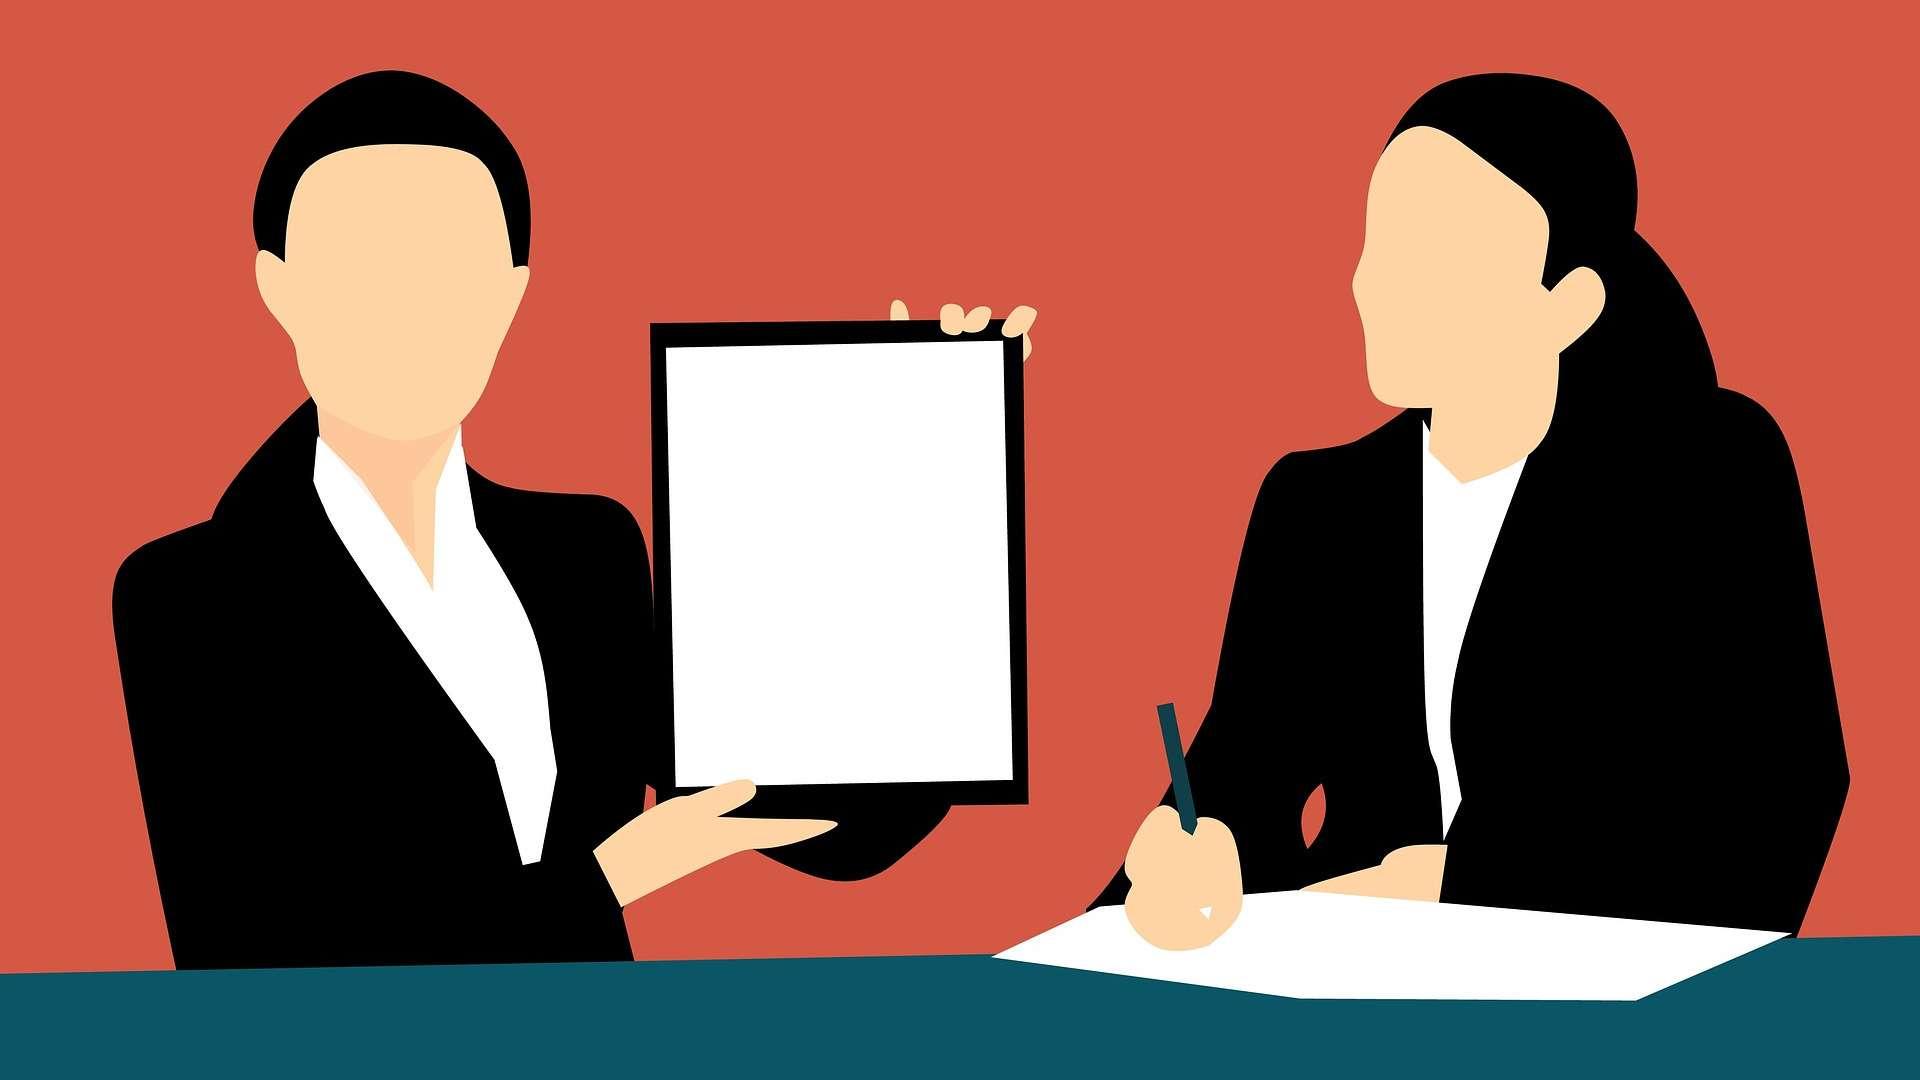 Zwei animierte Frauen sitzen an einem Tisch, die eine Frau hält ein Tablet in die Höhe, die andere schreibt etwas auf